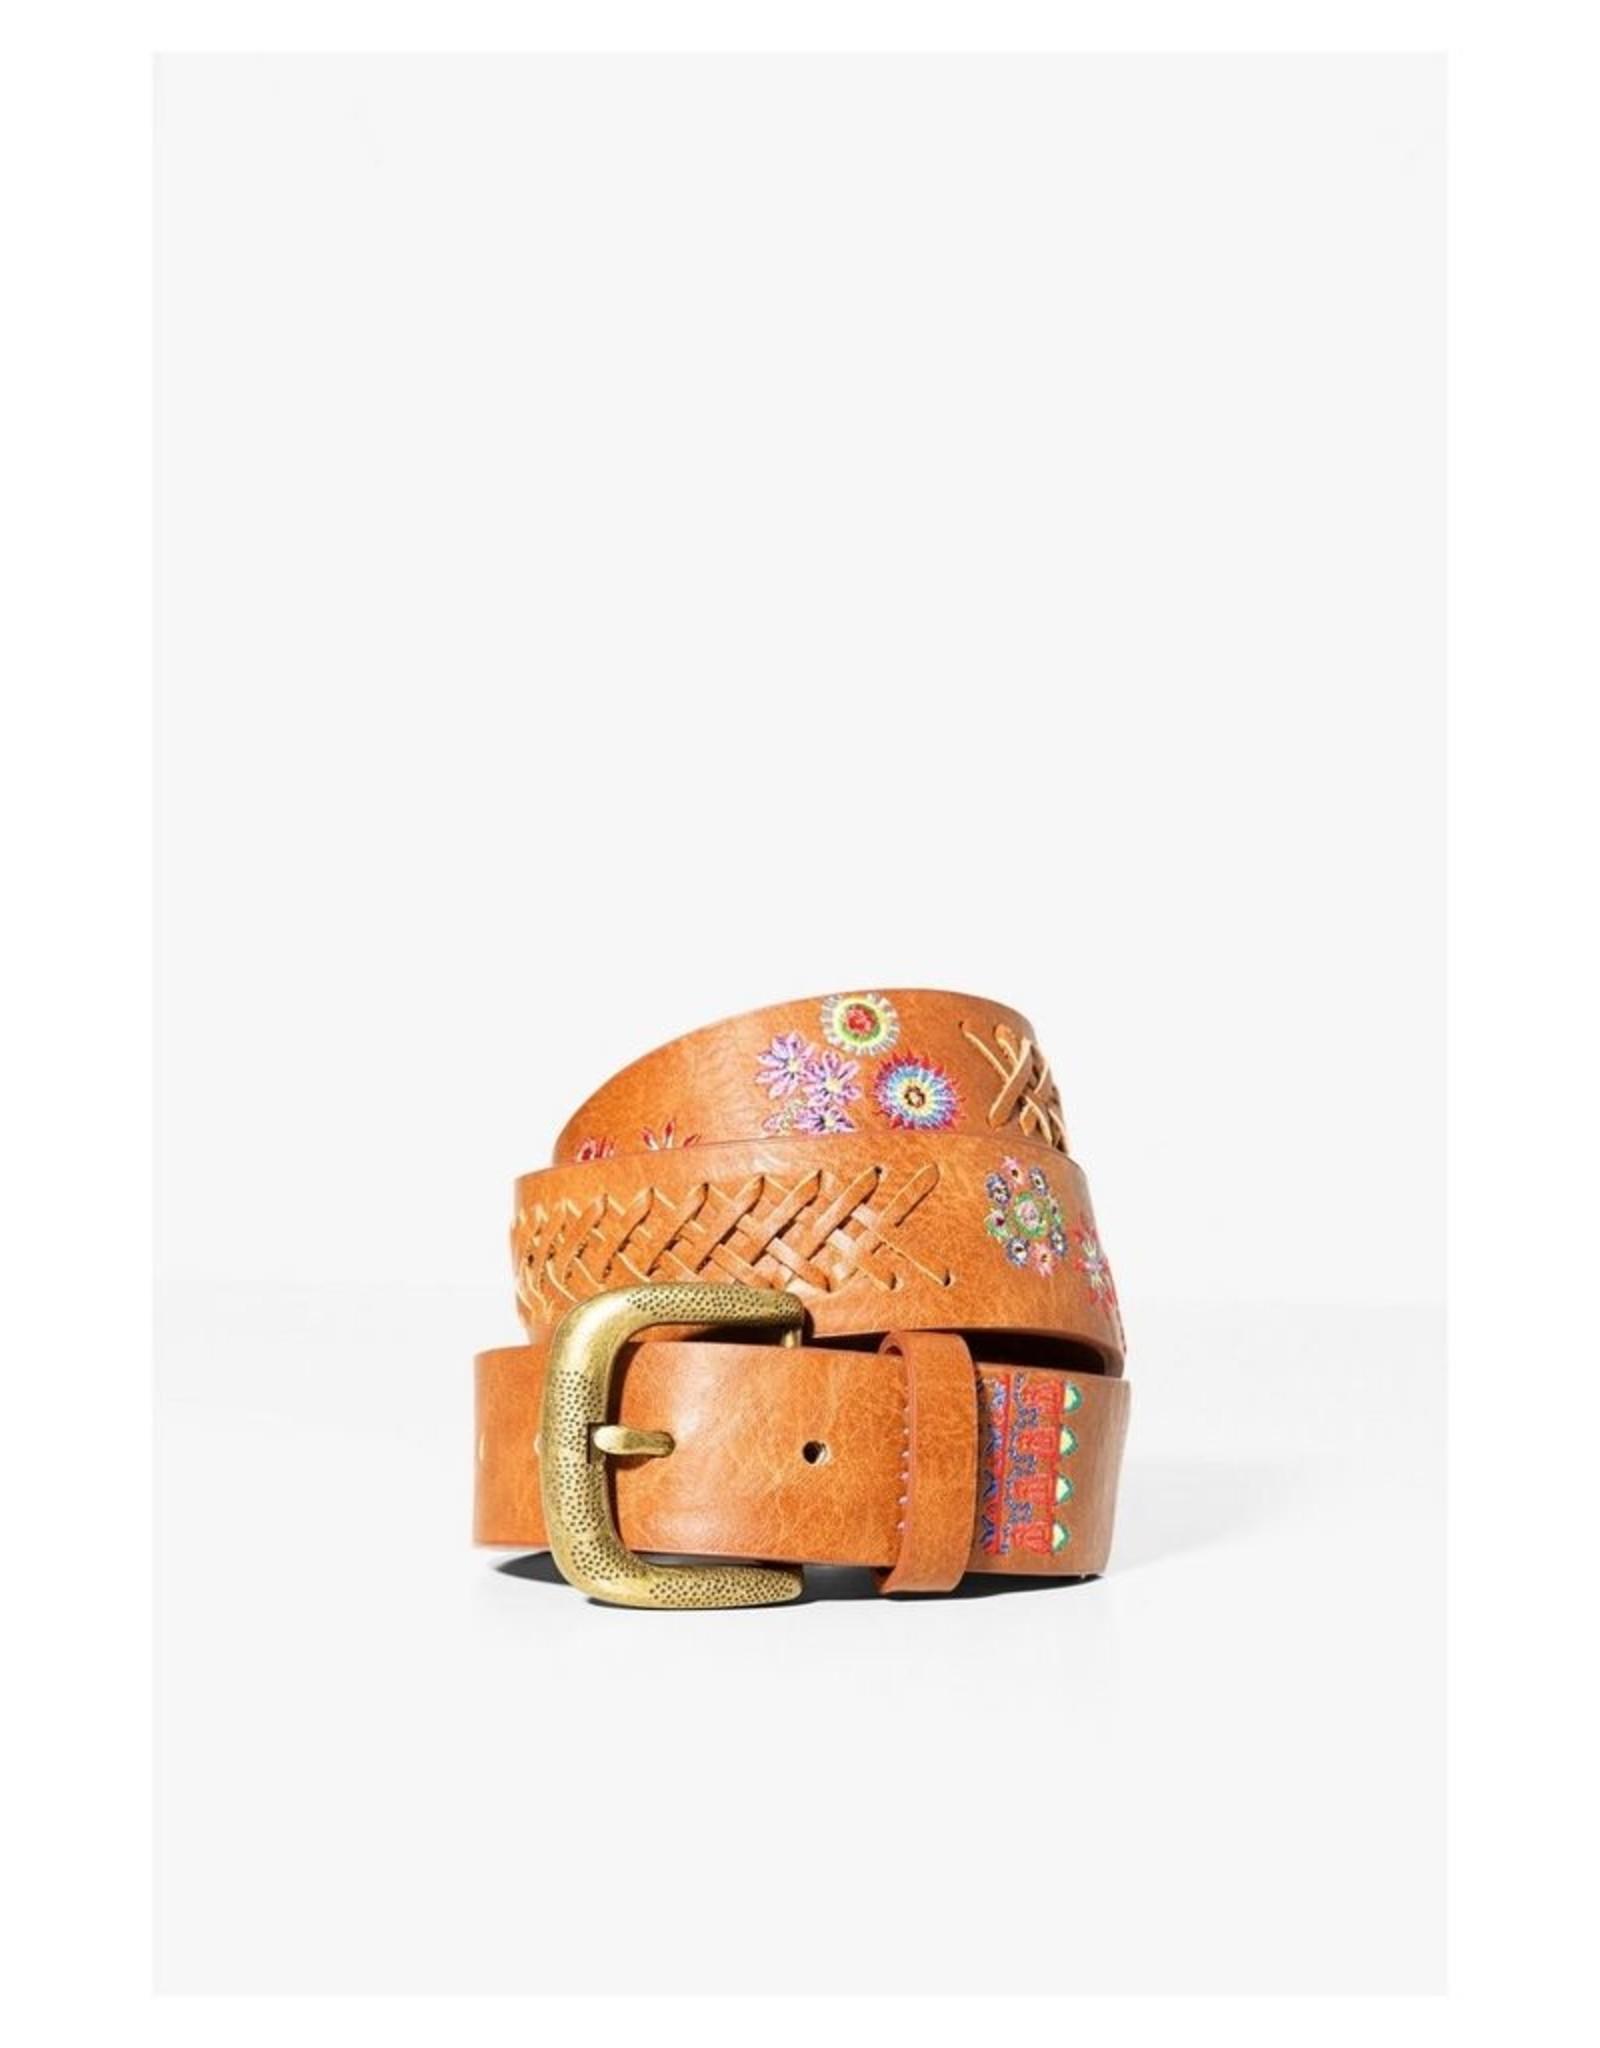 Desigual Embroidered Belt, Floral-Mex